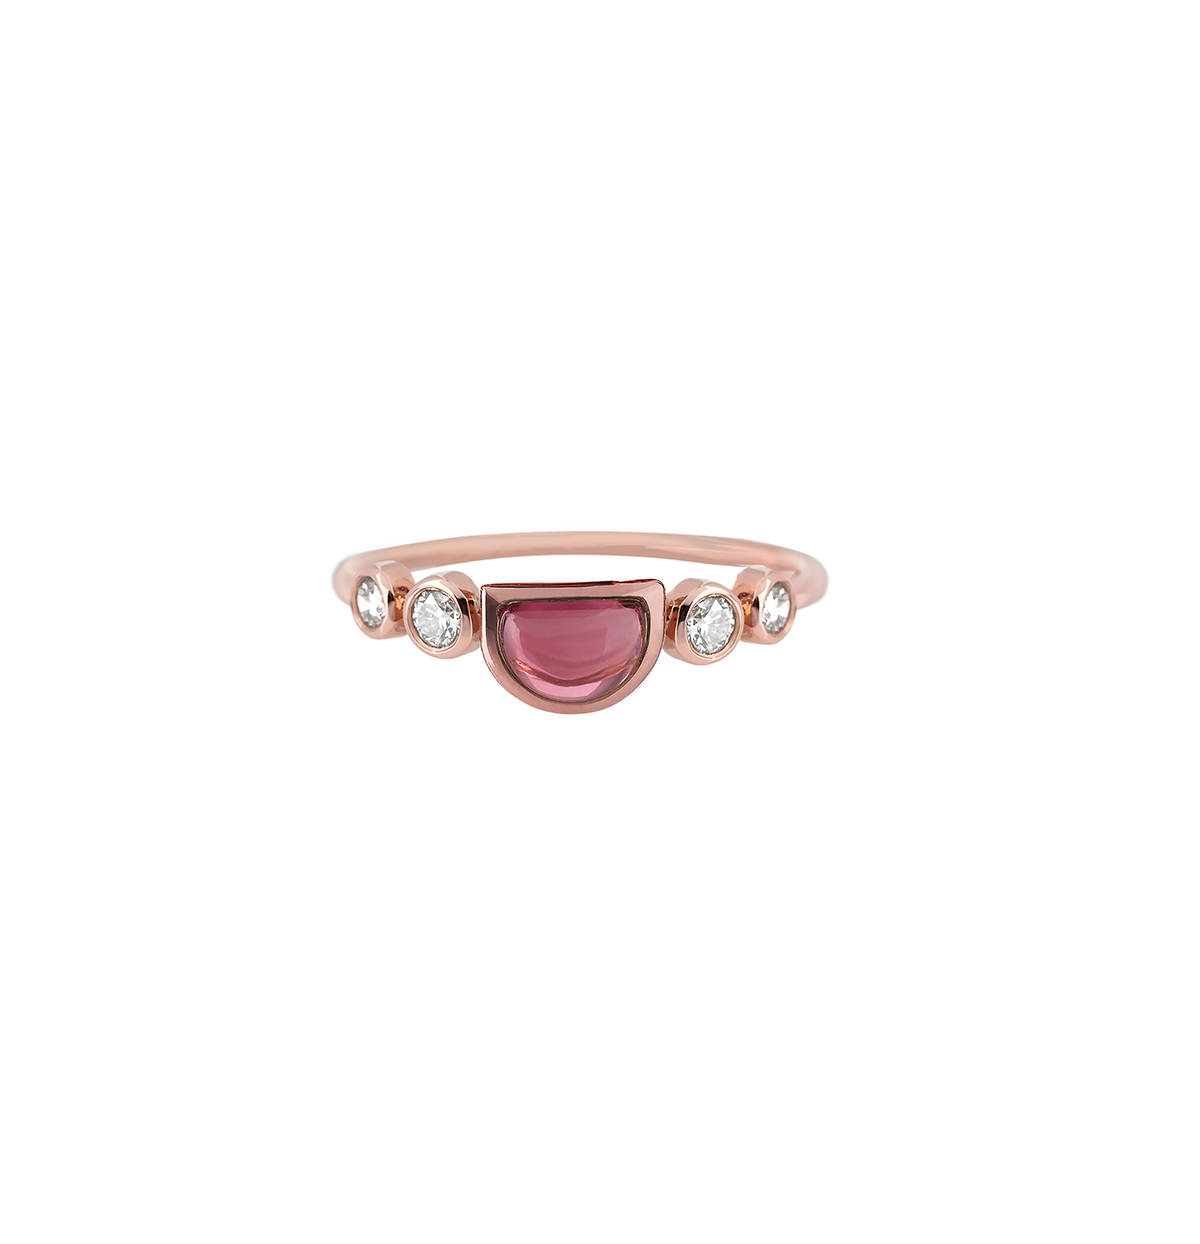 morethanthis-fine-jewelry-myrto-anastasopoulou-sparkle-RG007-white